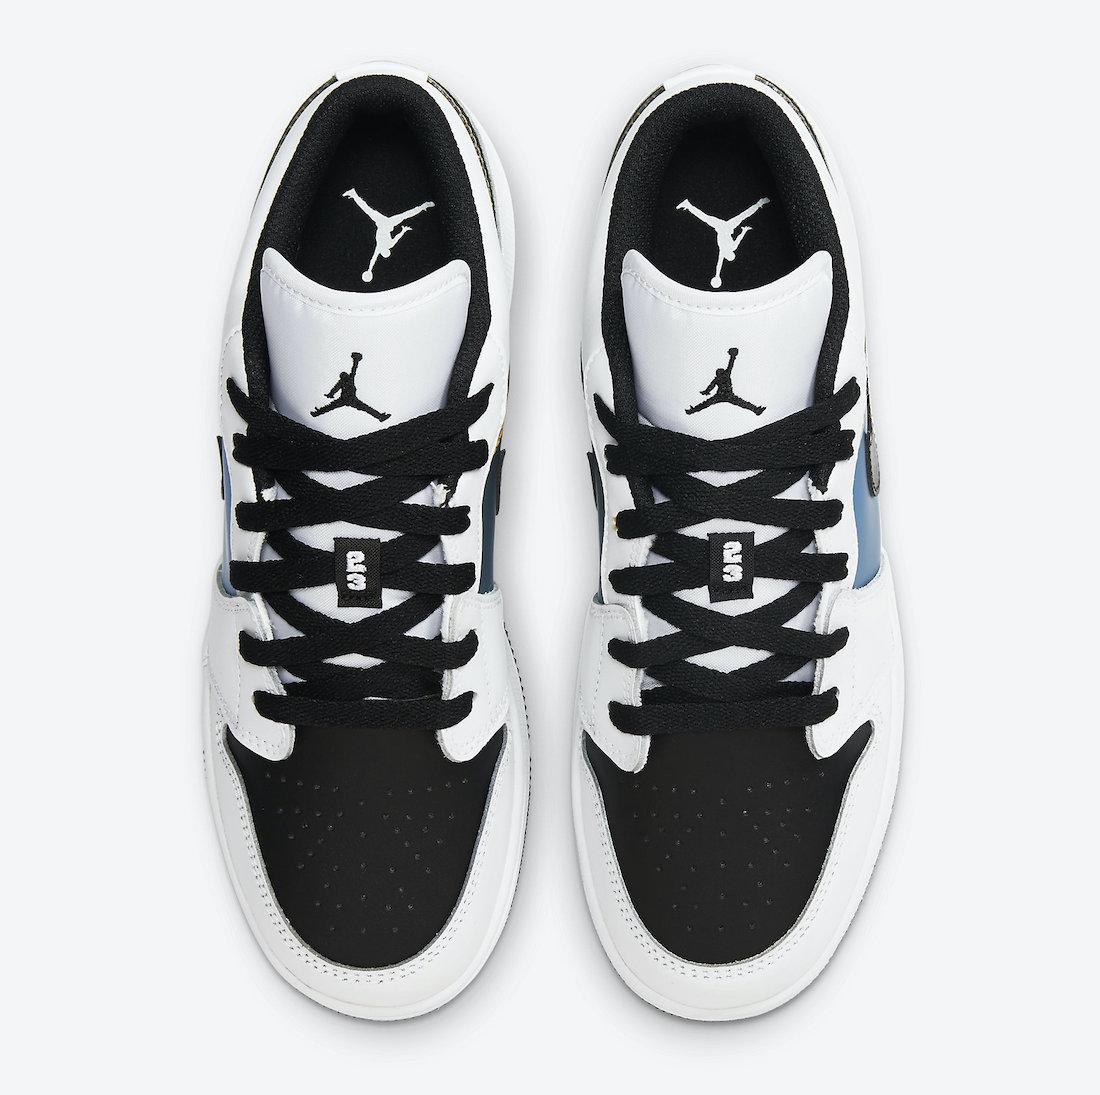 Air Jordan 1 Low GS CV9844-109